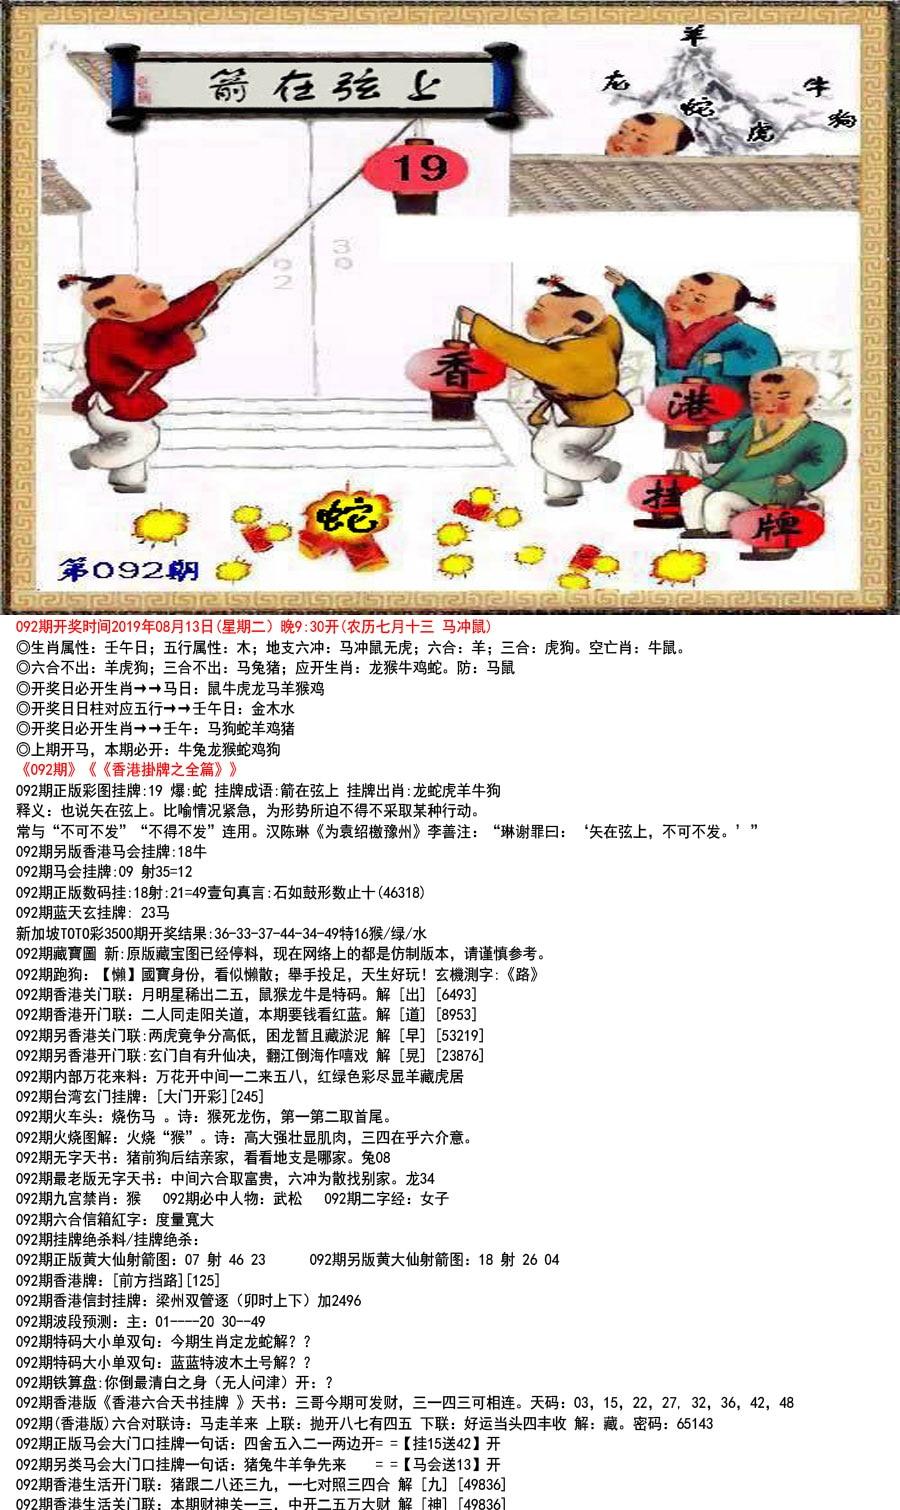 Ha3260f8097c94882b5c55fb92dafb6deg.jpg (900×1510)